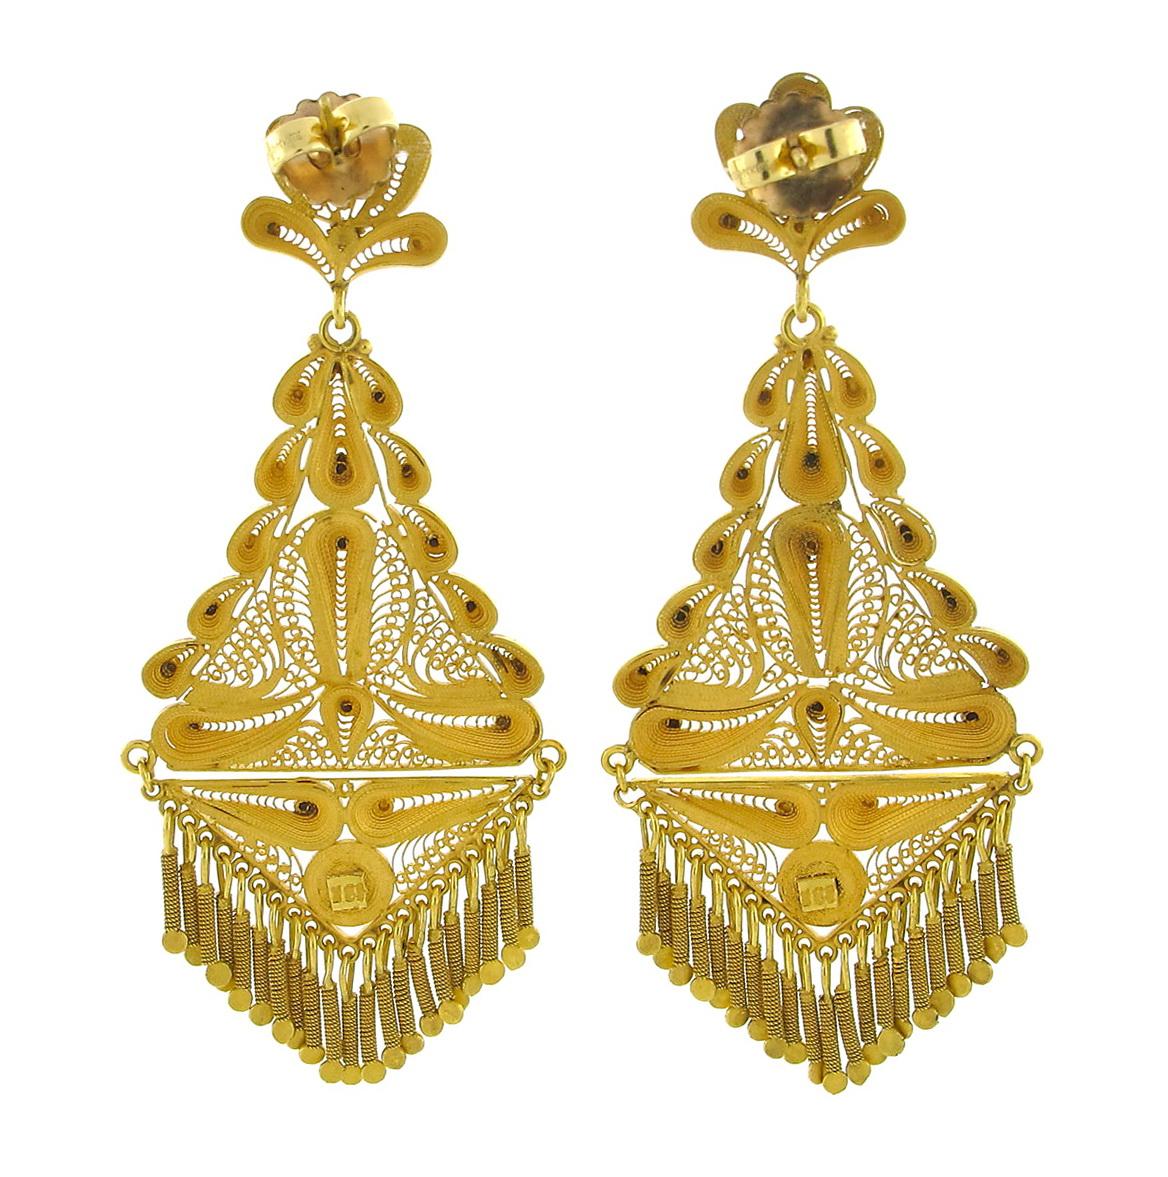 Indian Chandelier Earrings Gold